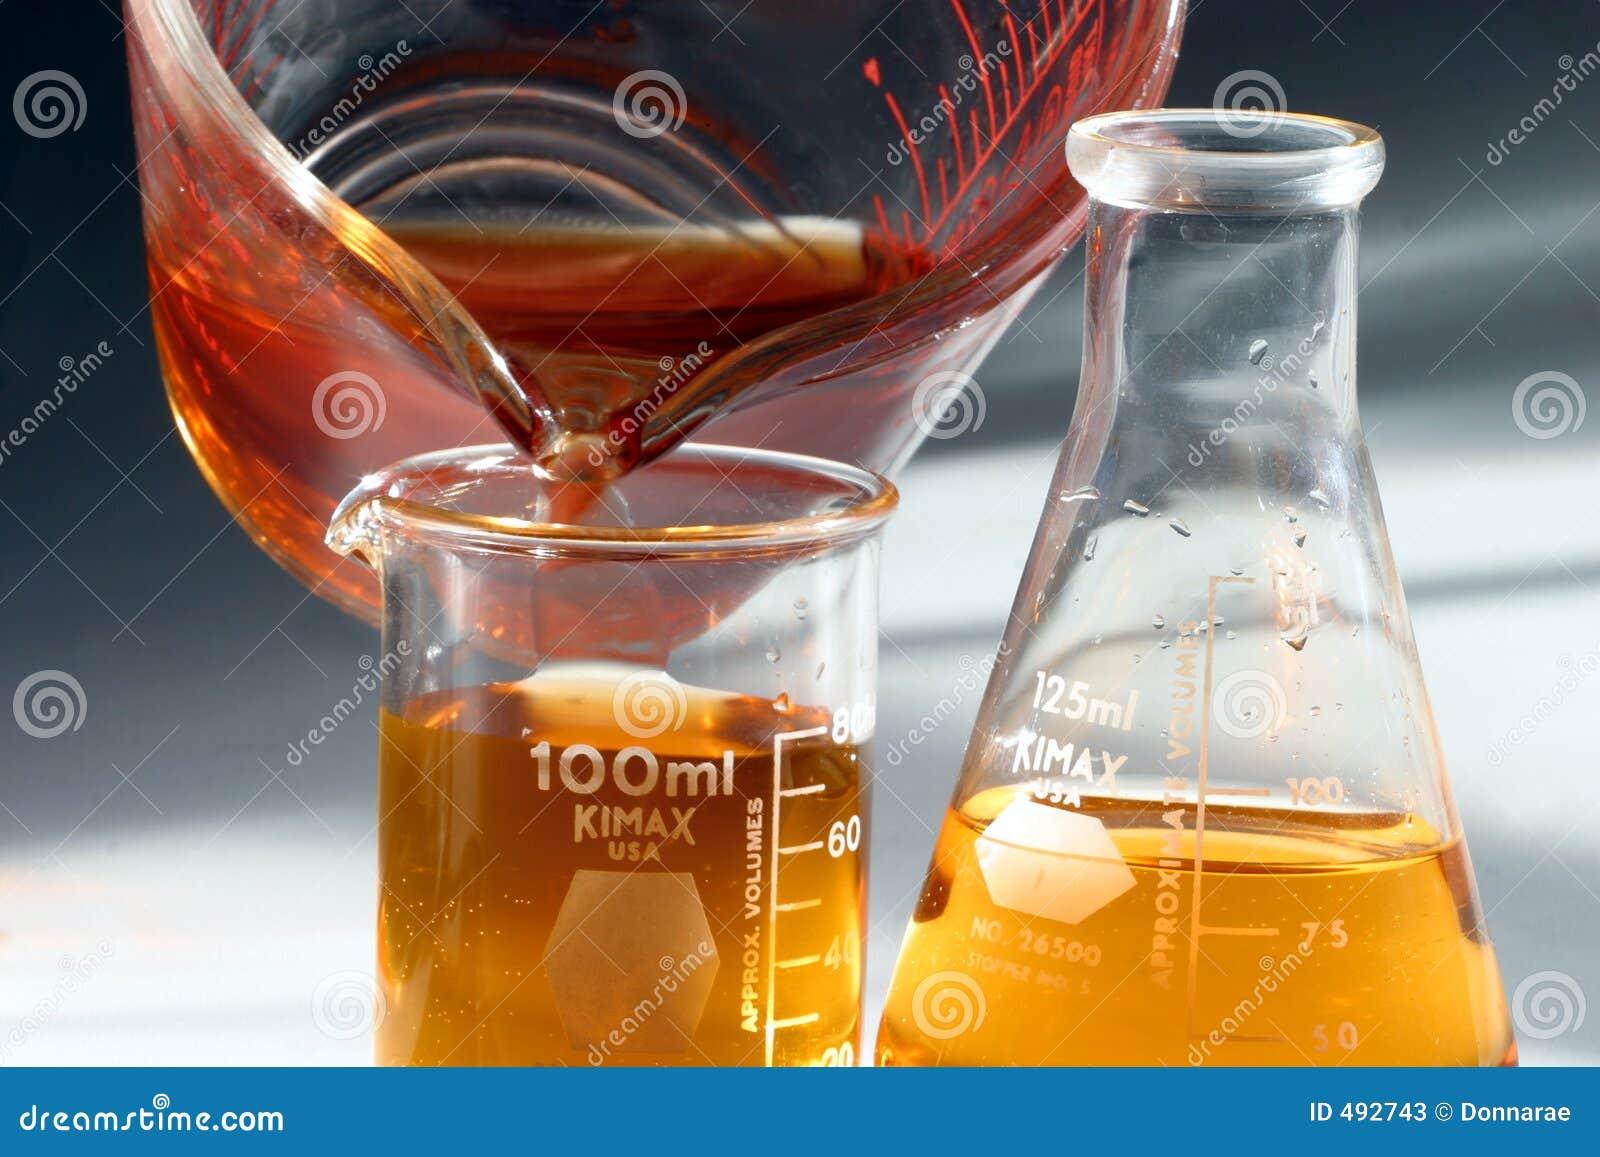 BEakers & flasks chemistry lab